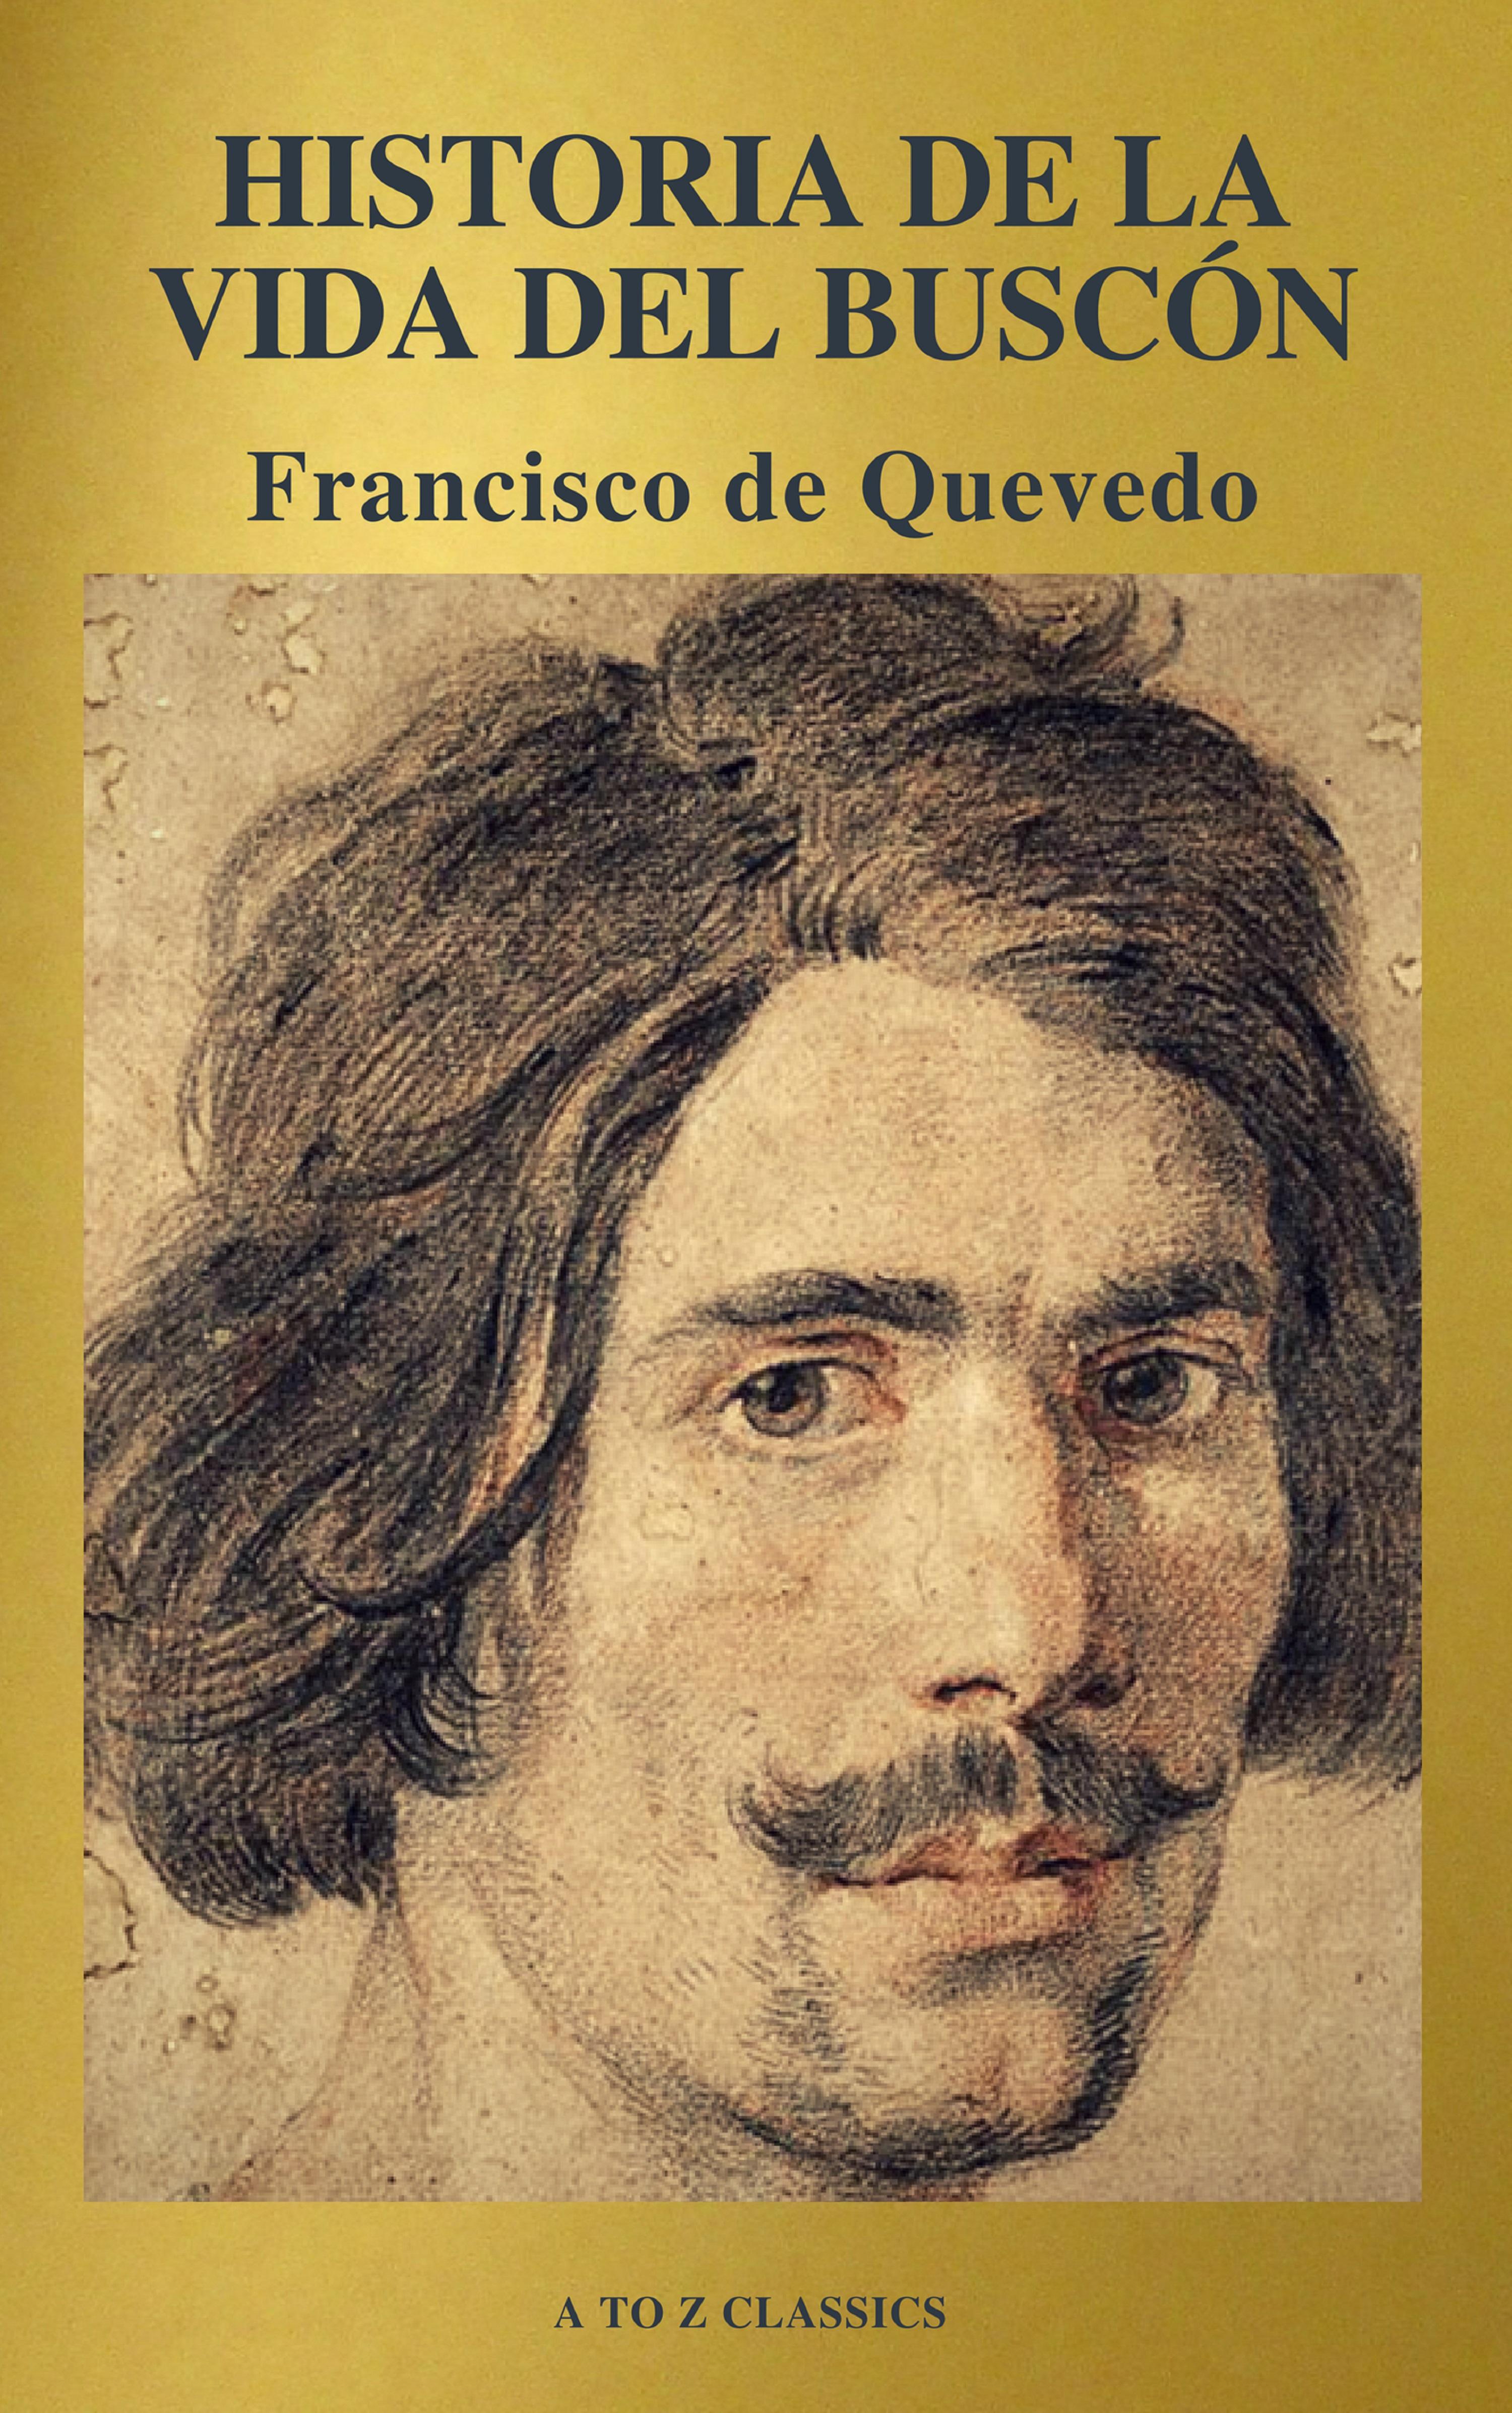 Francisco de Quevedo Historia de la vida del Buscón (A to Z Classics) cortazar de la a a la z